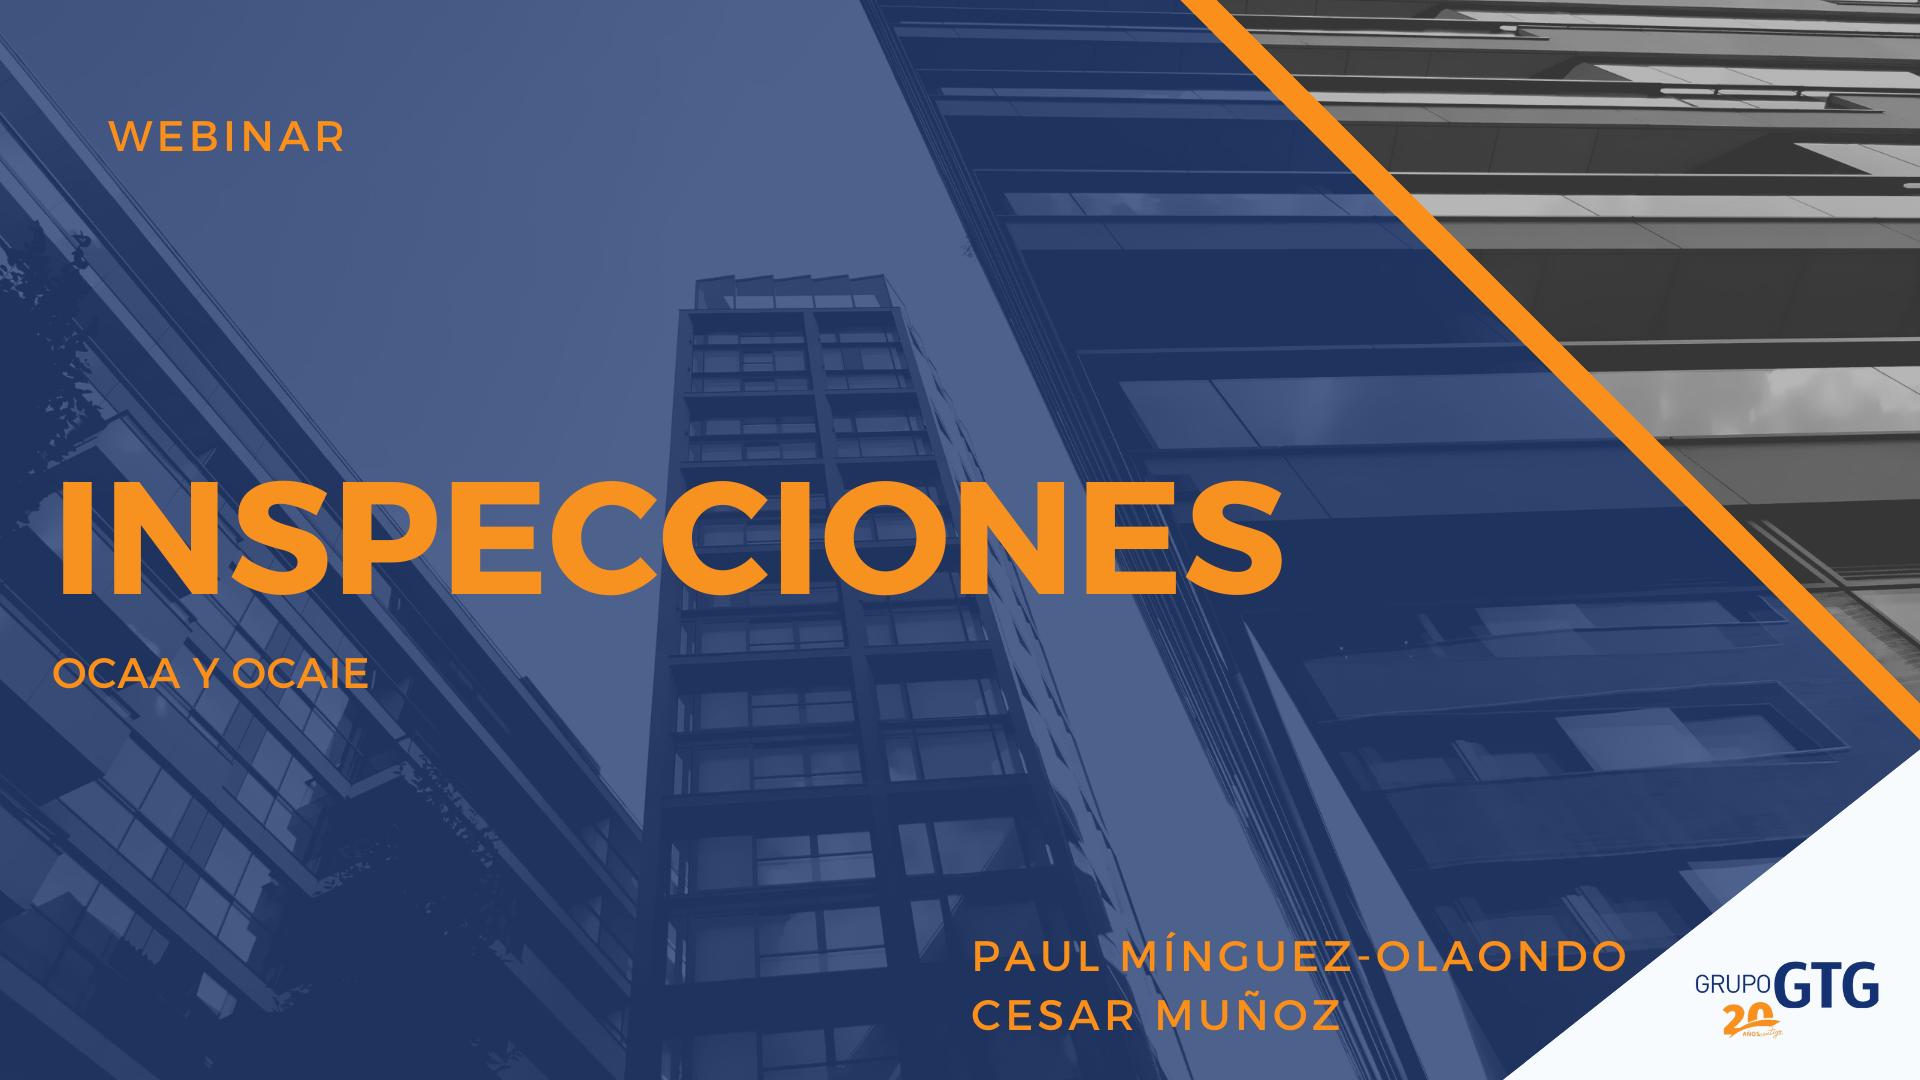 INSPECCIONES OCAA/OCAIE